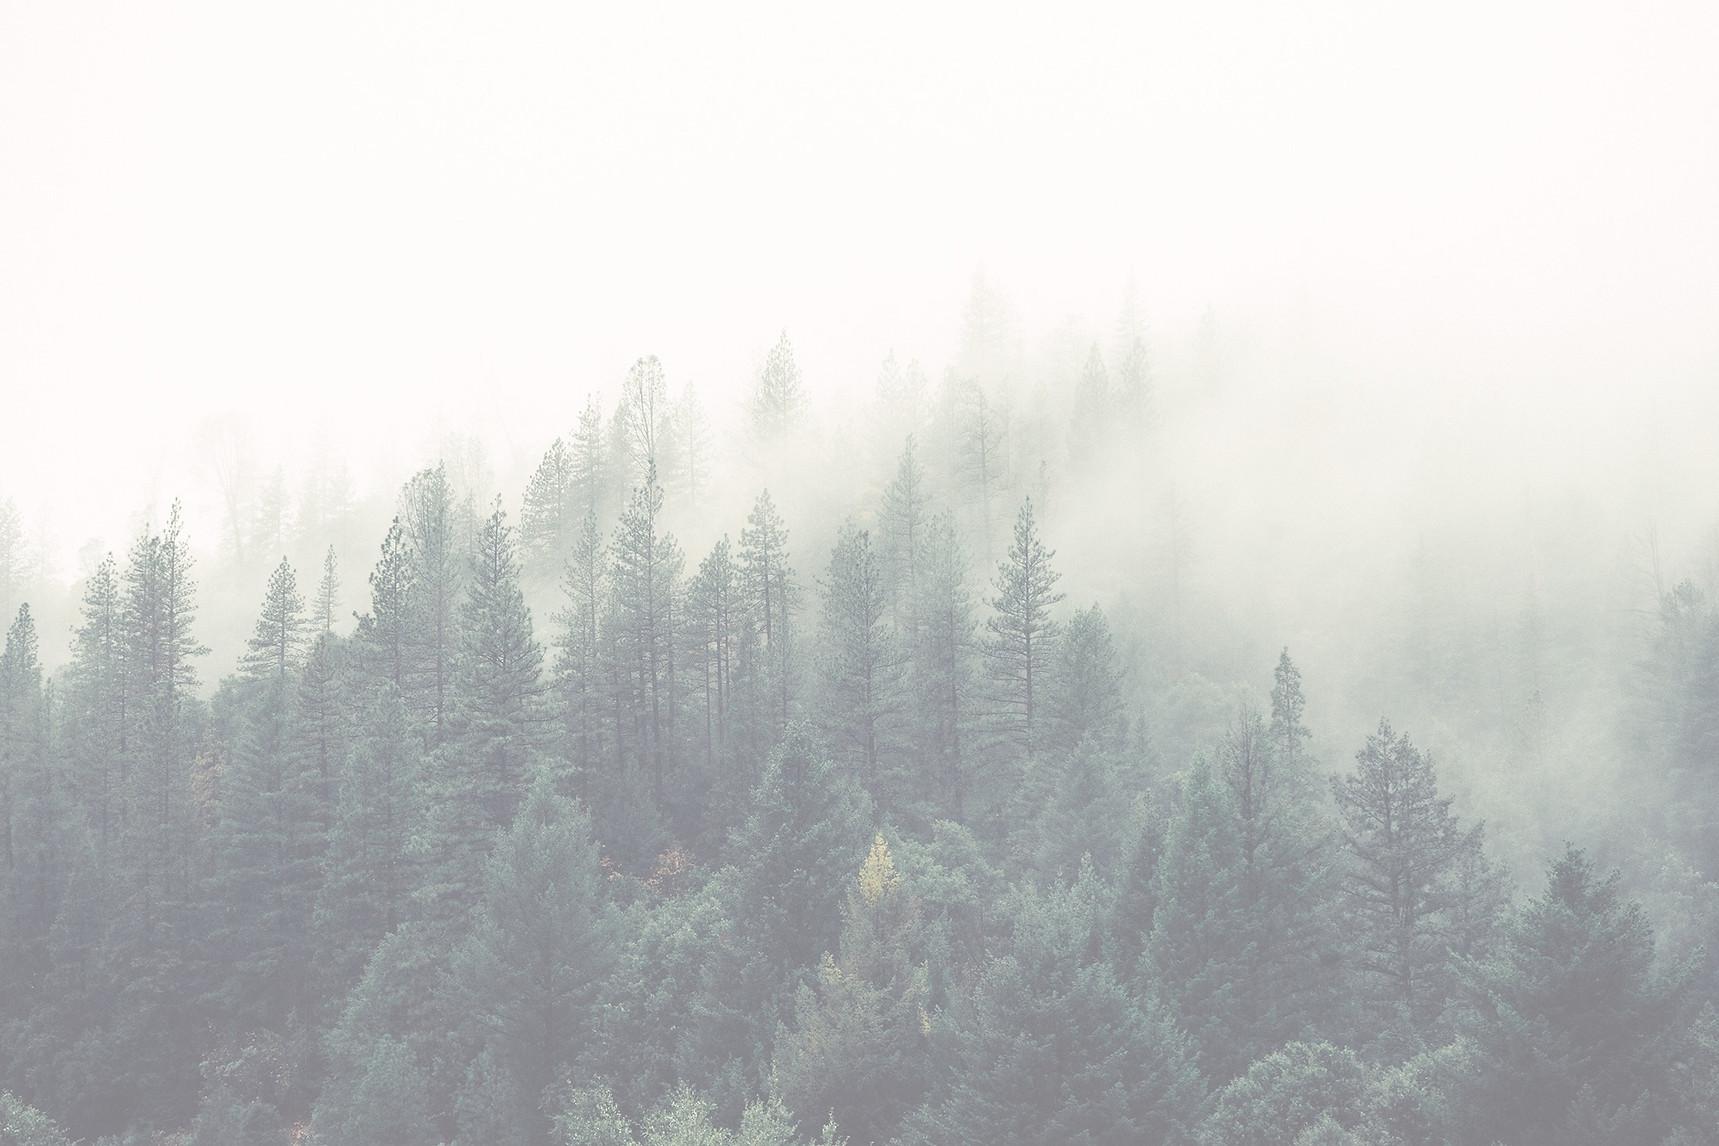 Misty%20shroud%20over%20a%20forest_edite